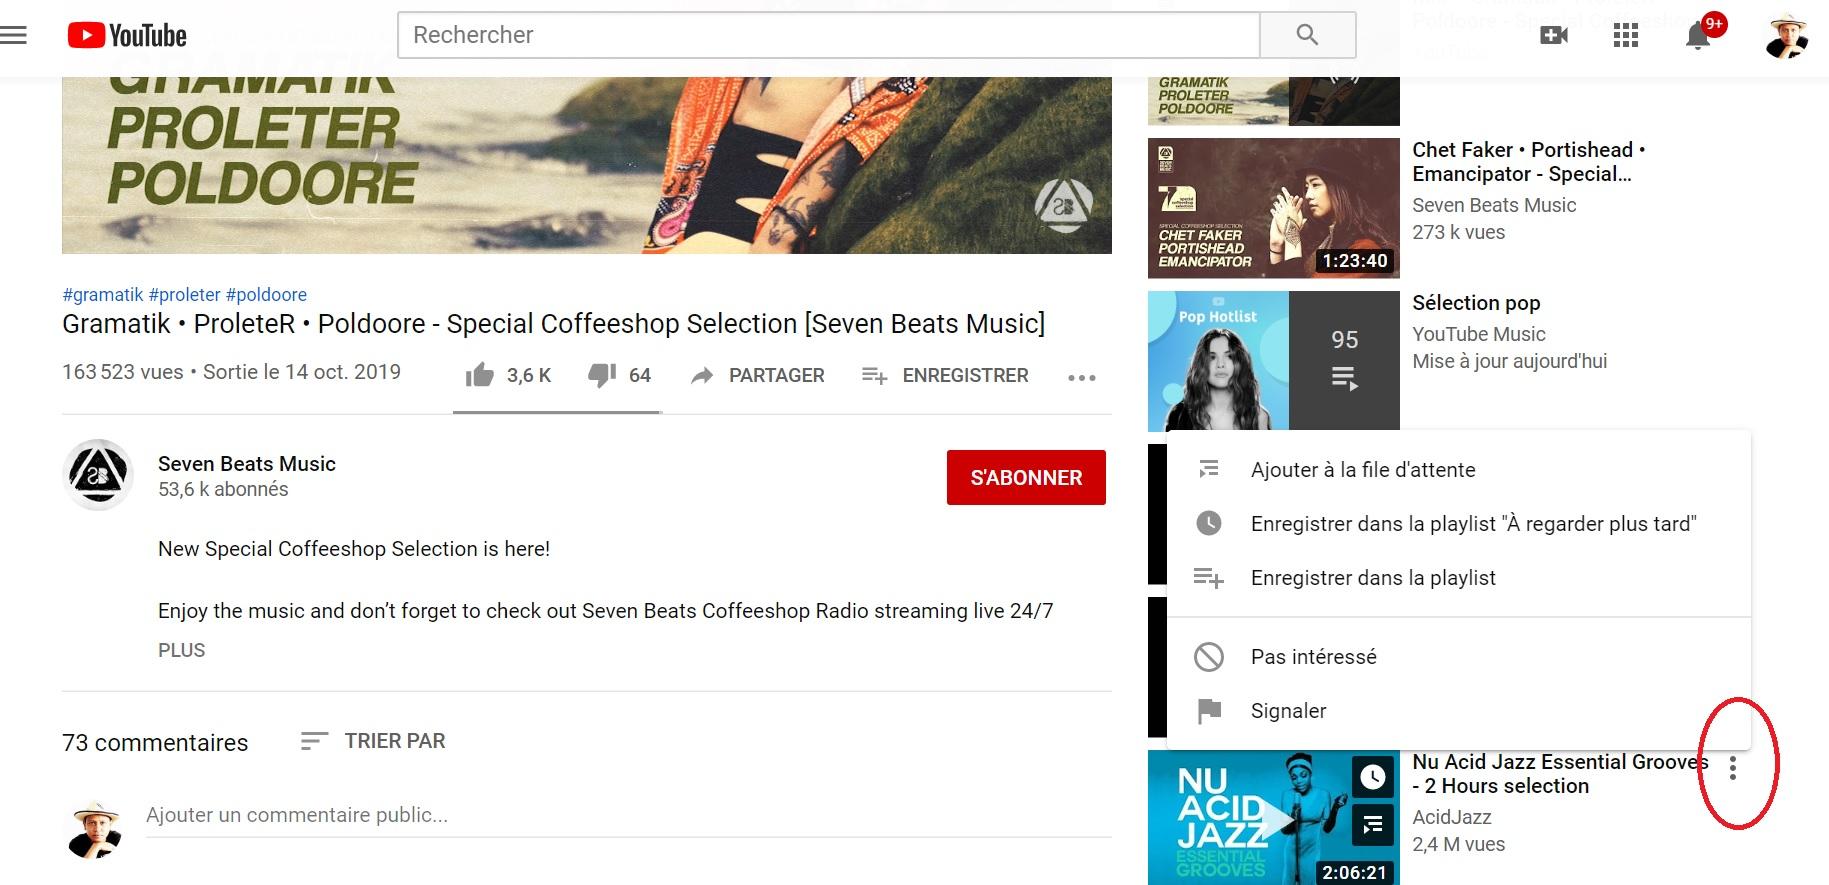 File d'attente sur YouTube